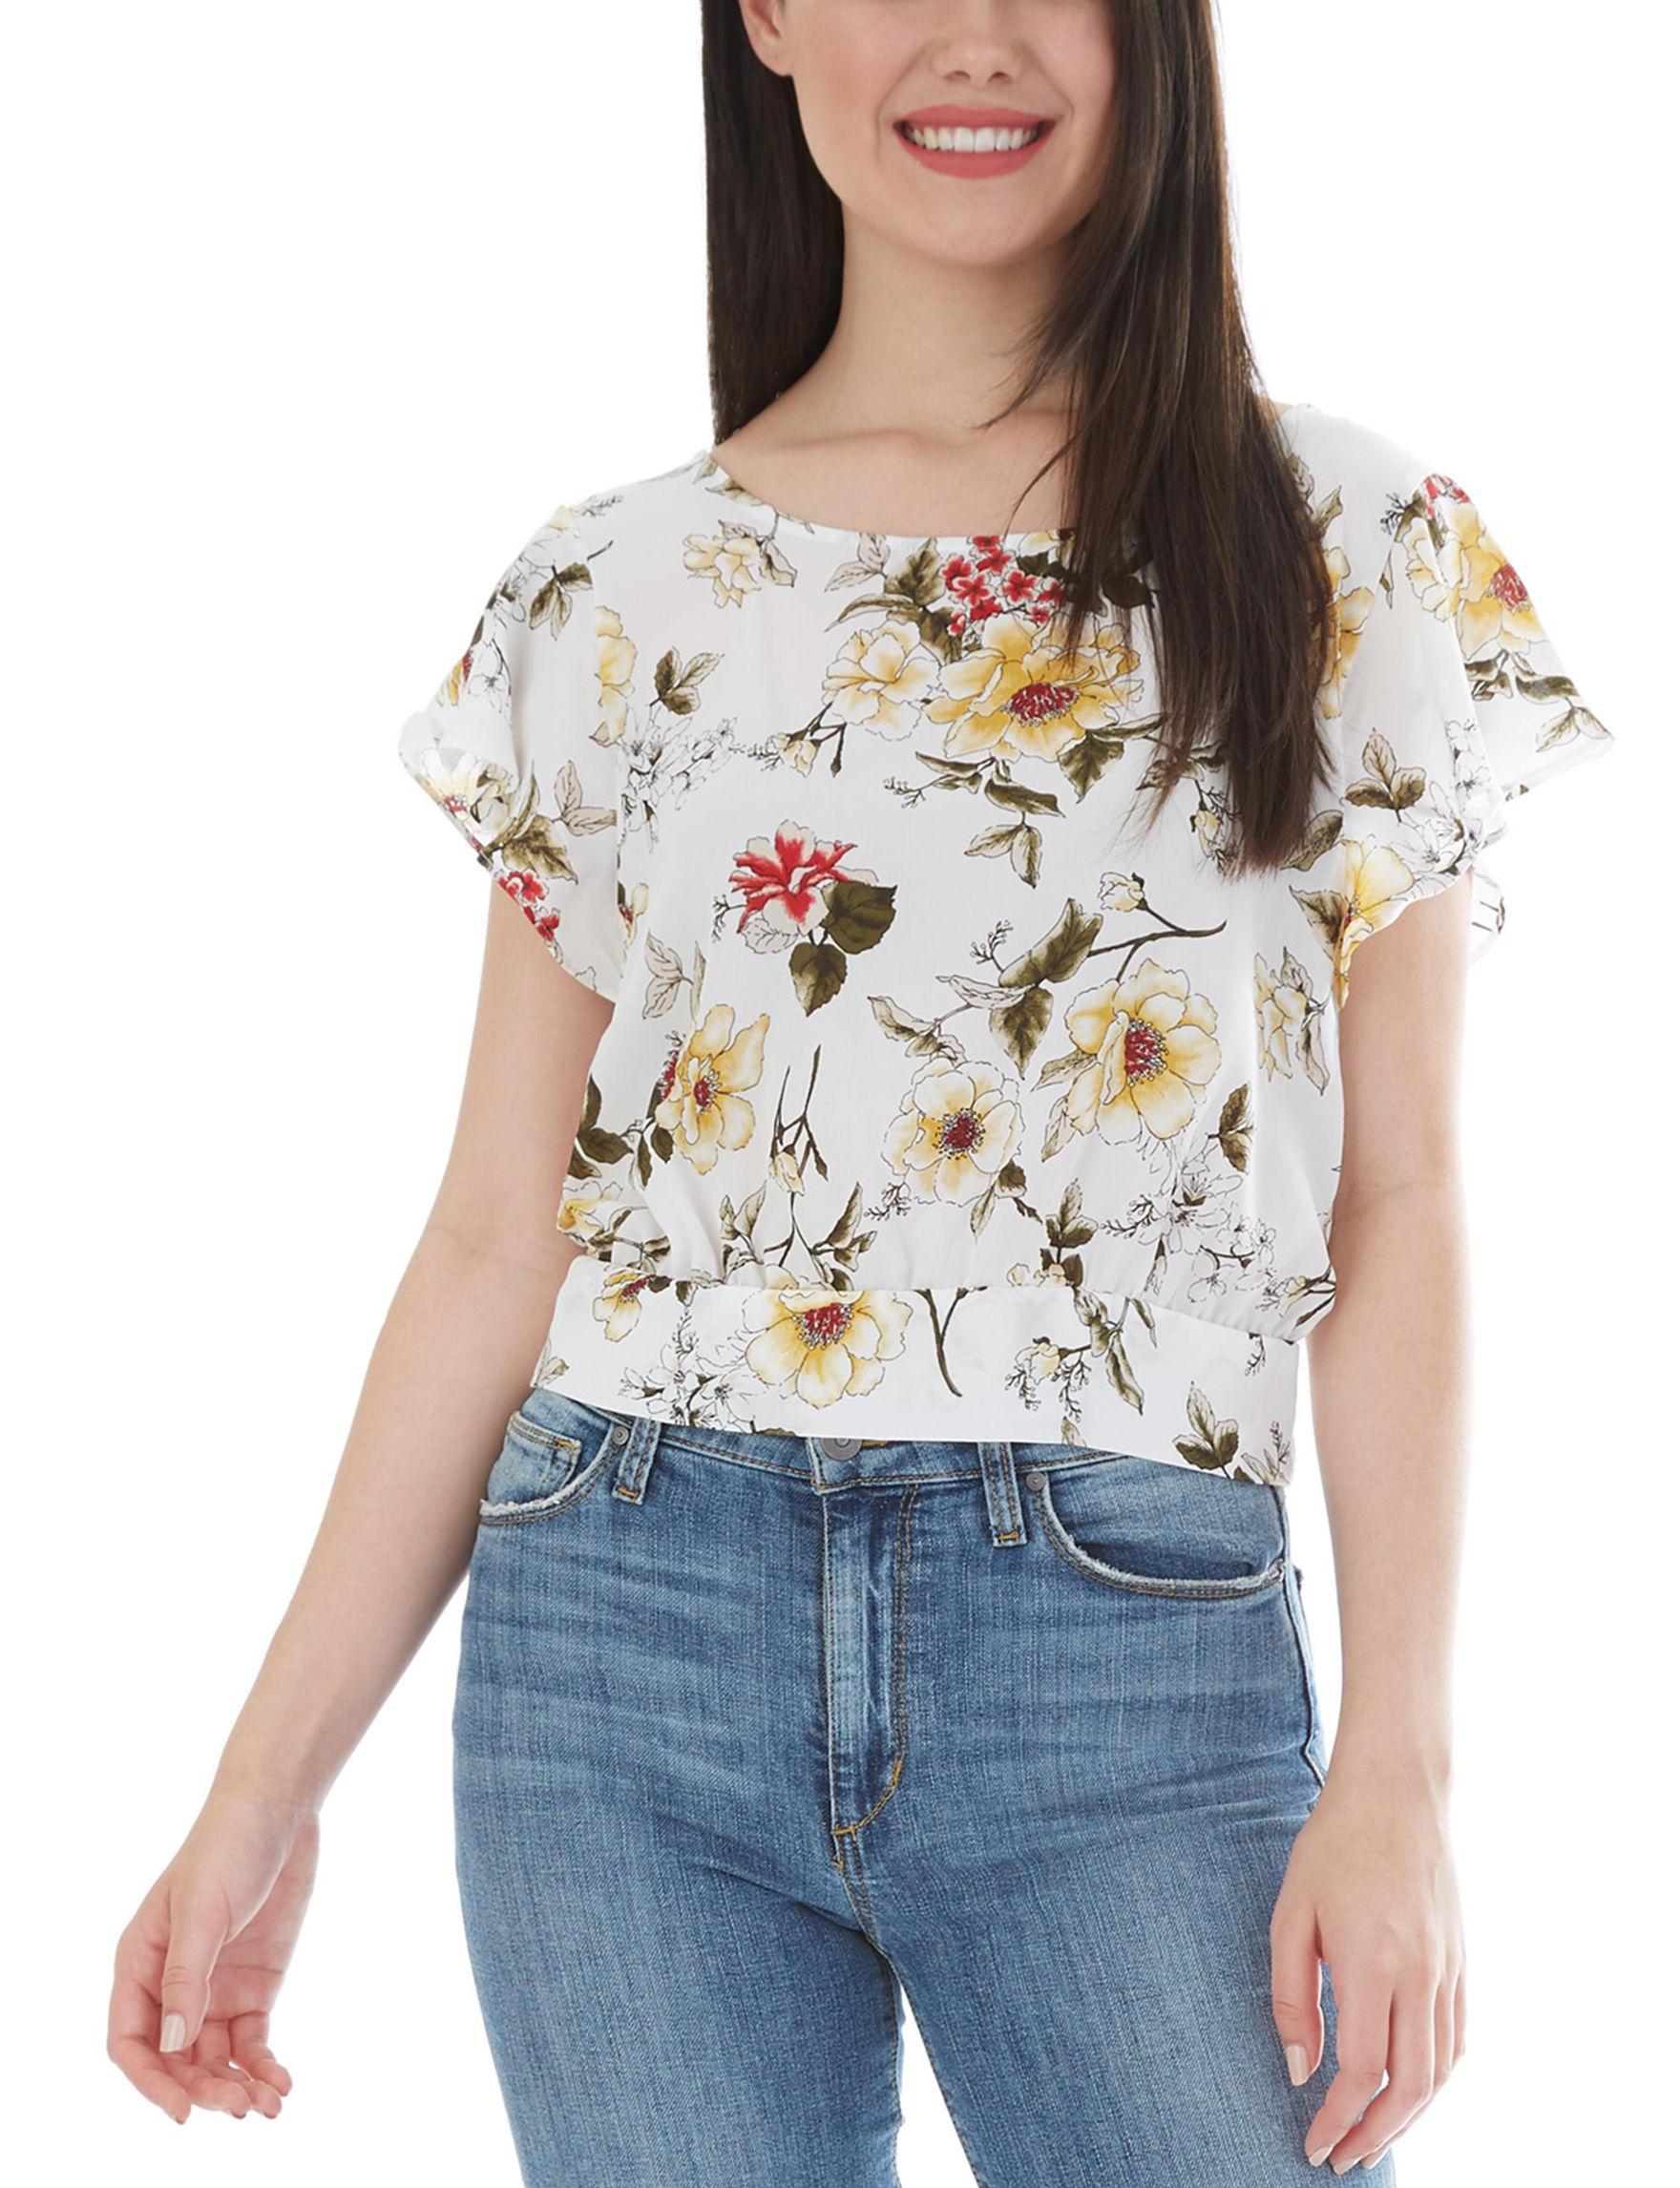 A. Byer White / Multi Shirts & Blouses